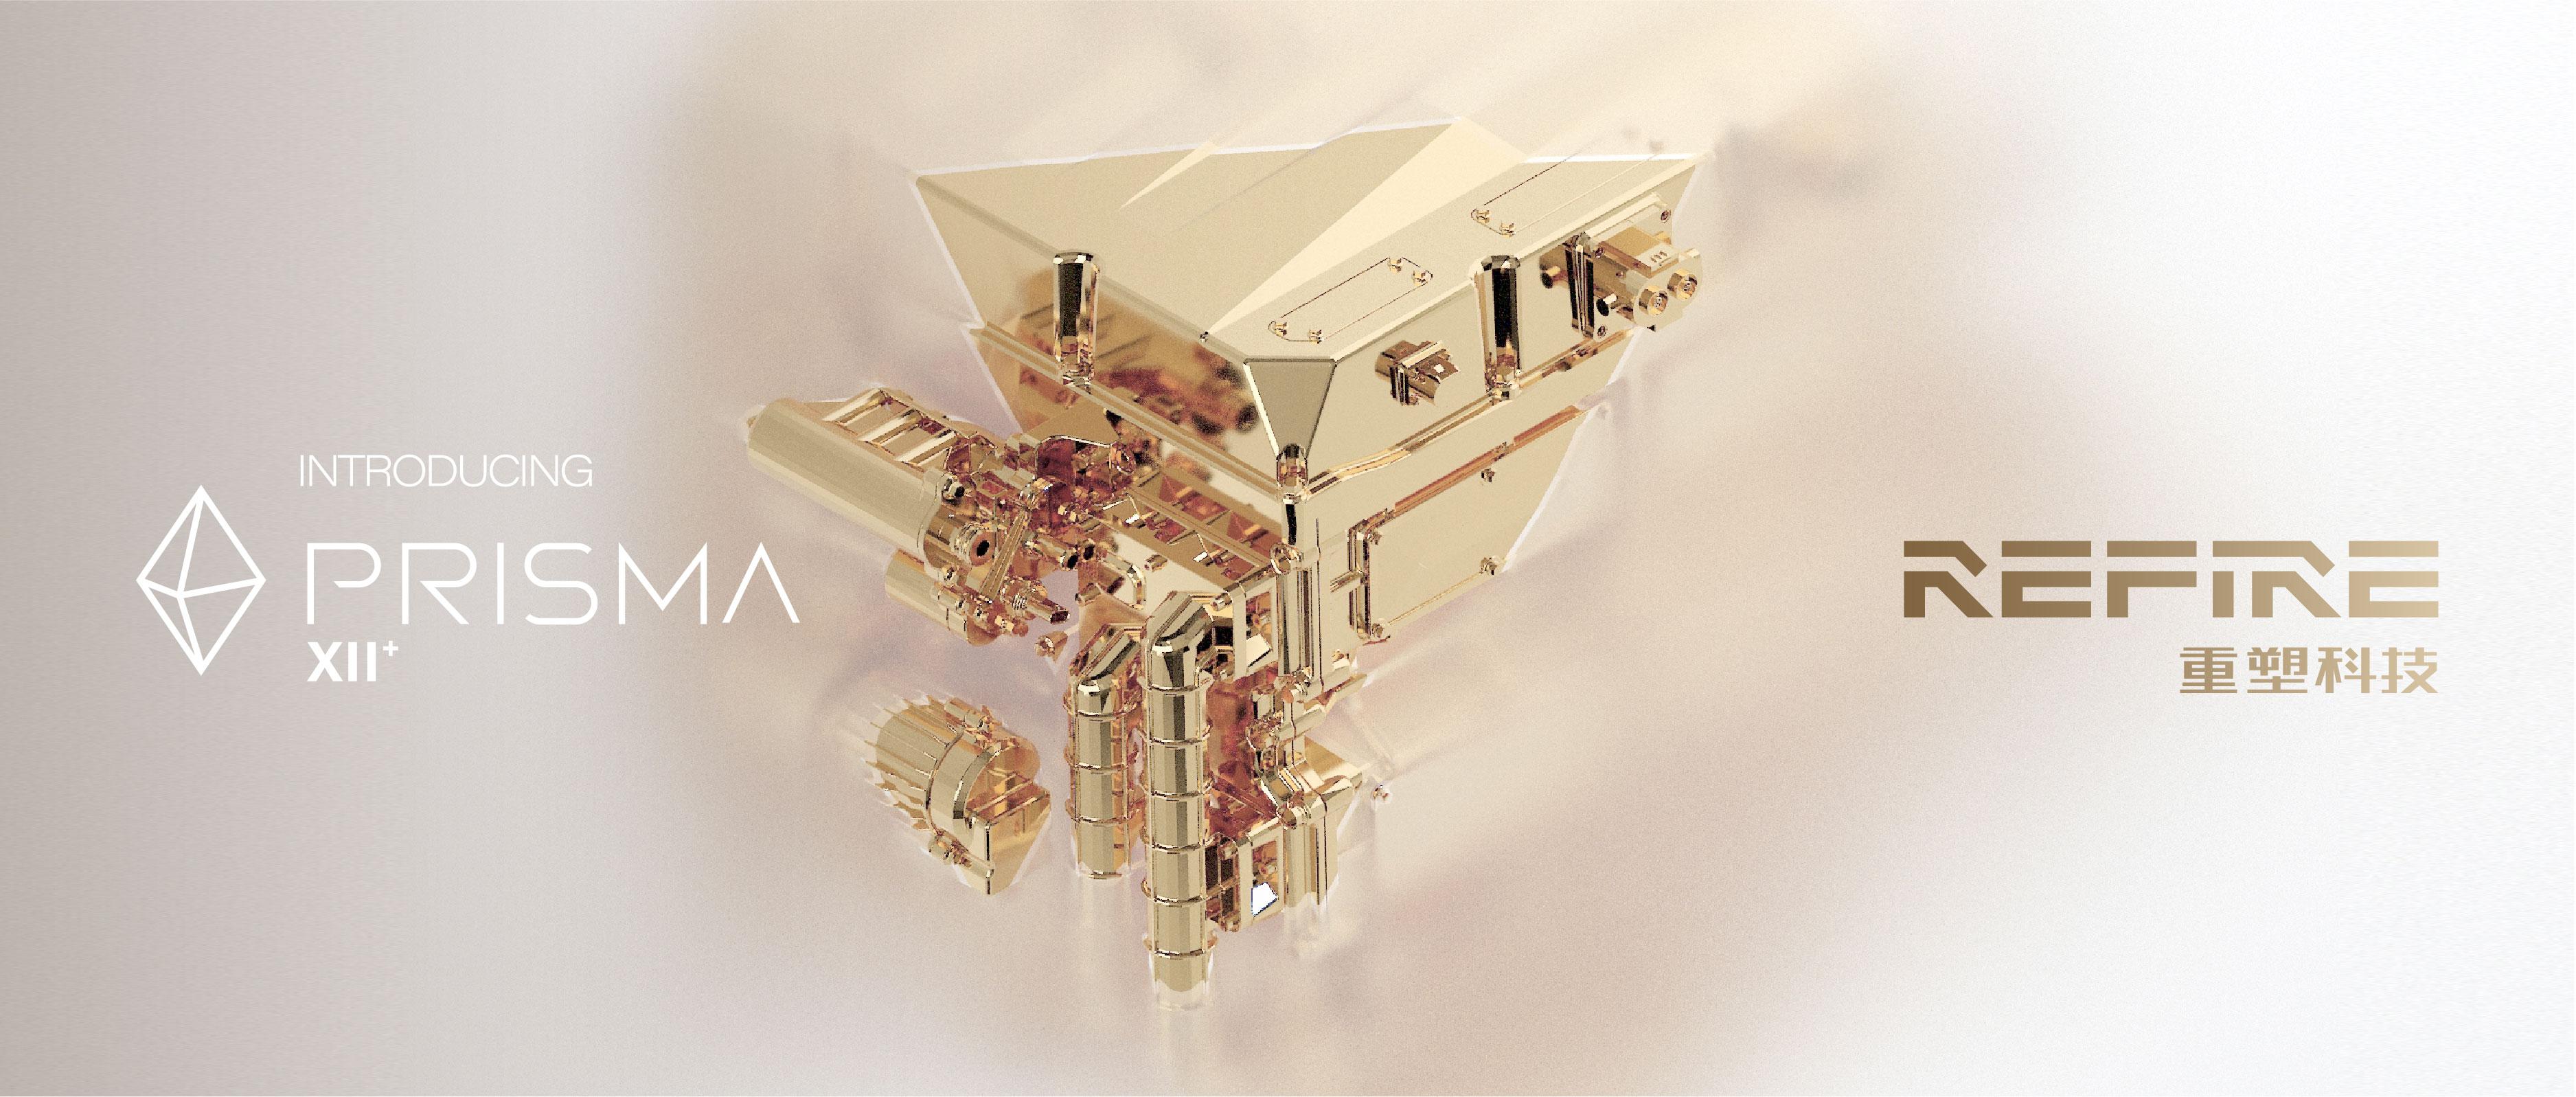 重塑科技全新镜星十二+ 燃料电池系统正式发布